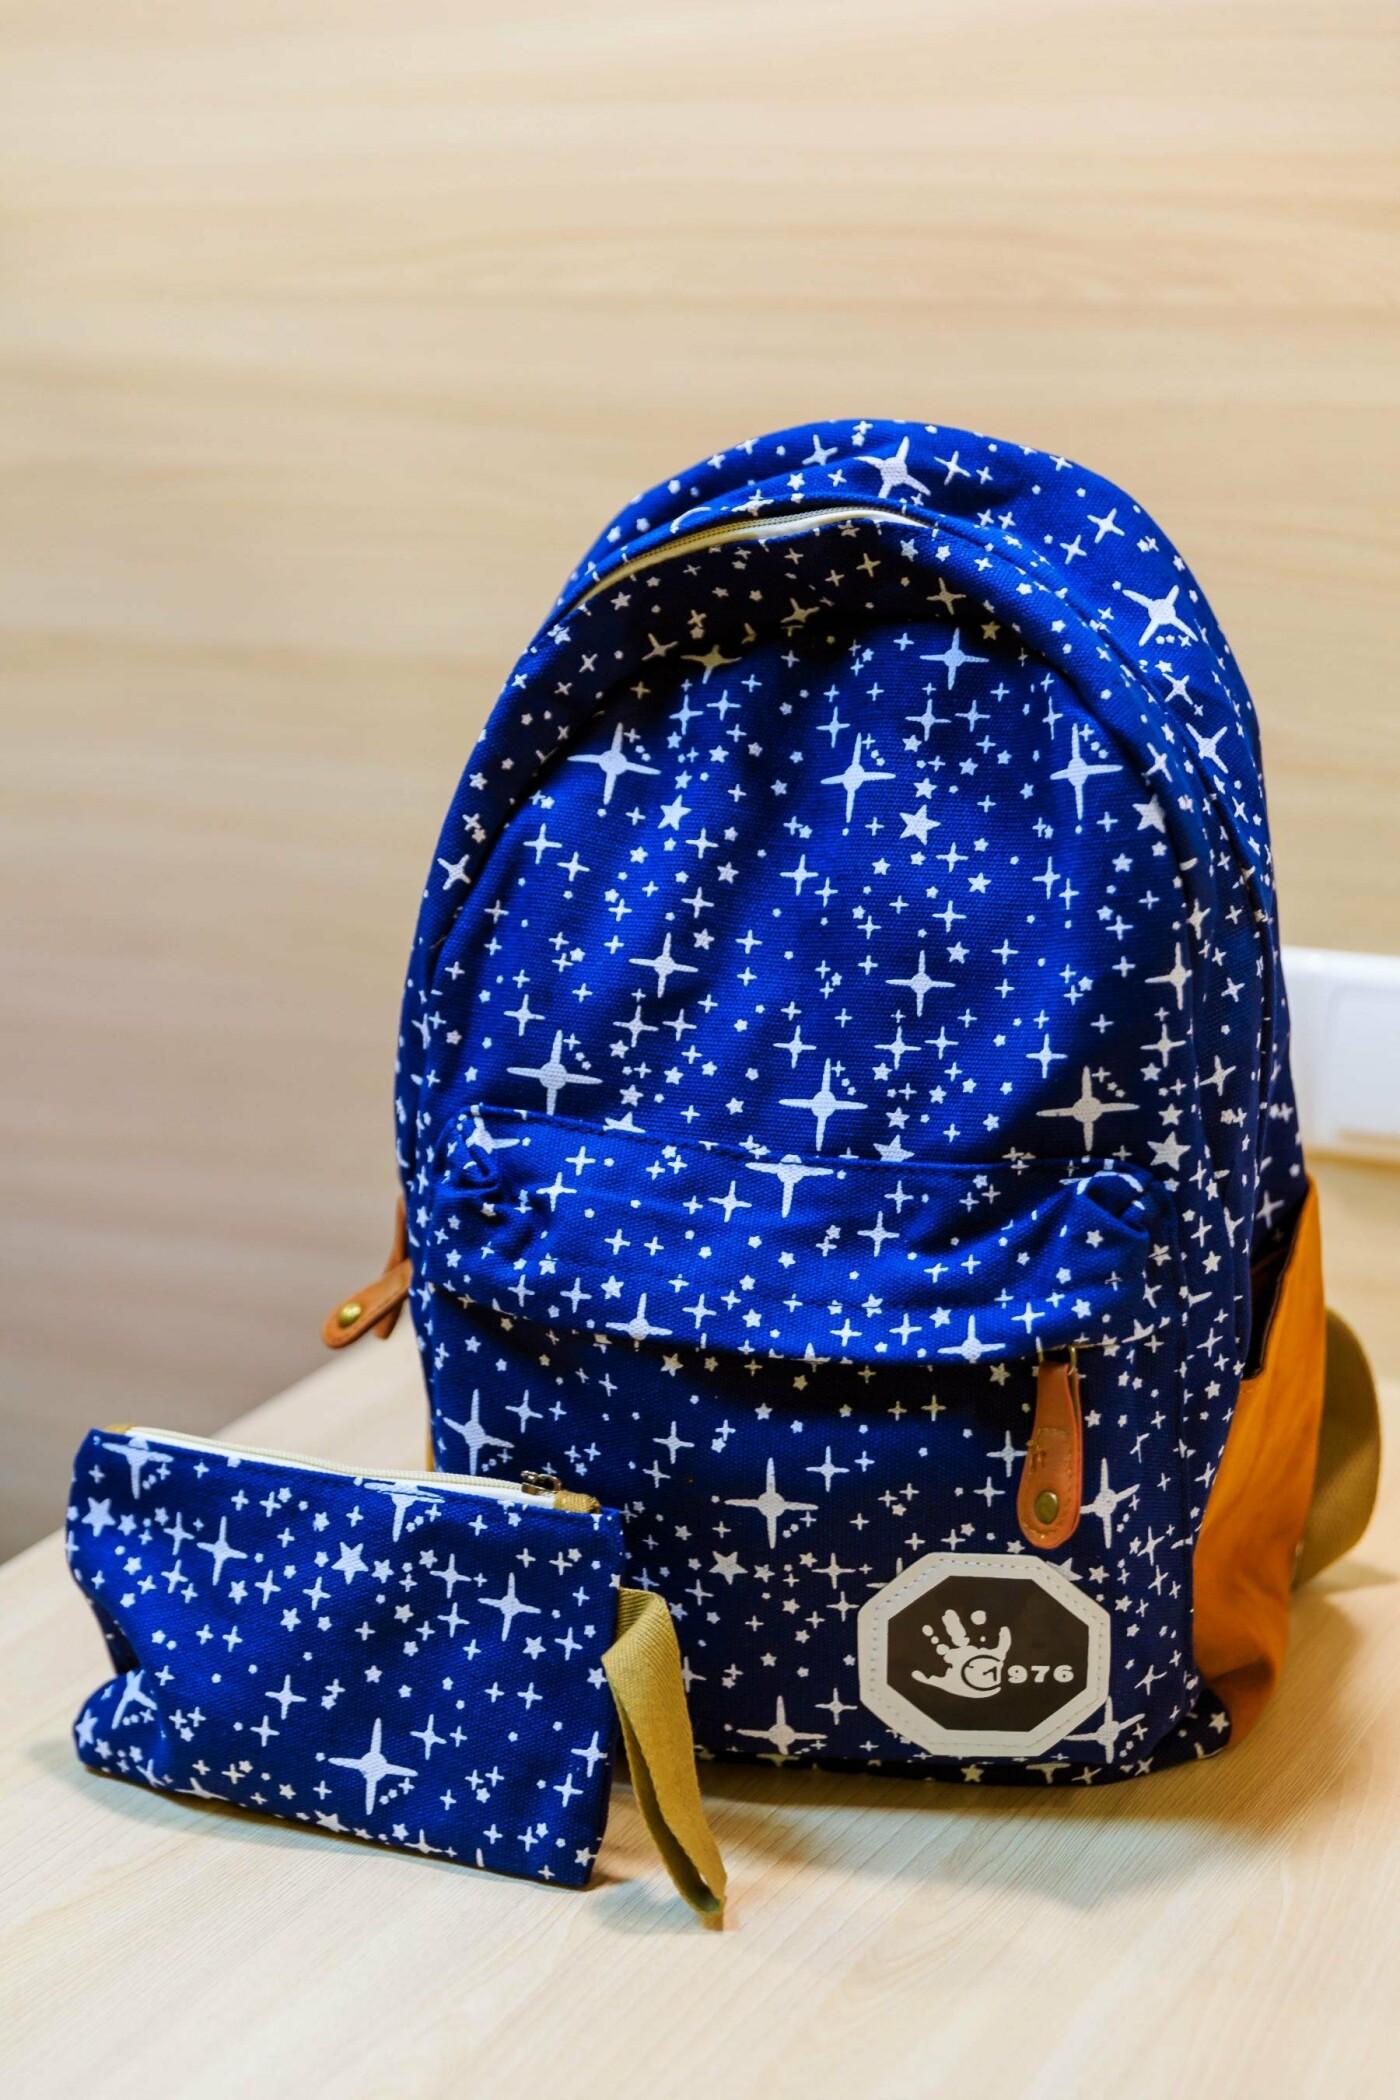 Яскраві і практичні рюкзаки Rory, фото-3